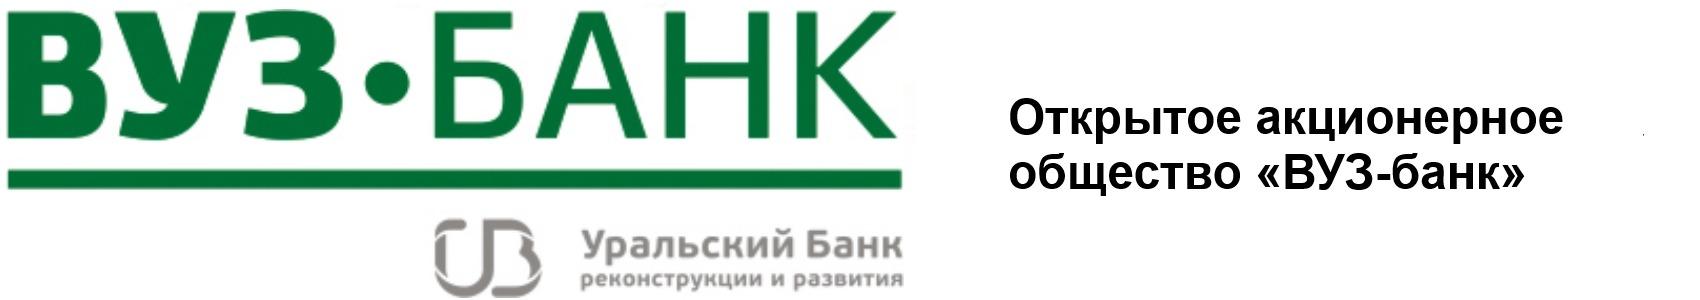 ОАО «ВУЗ-банк»